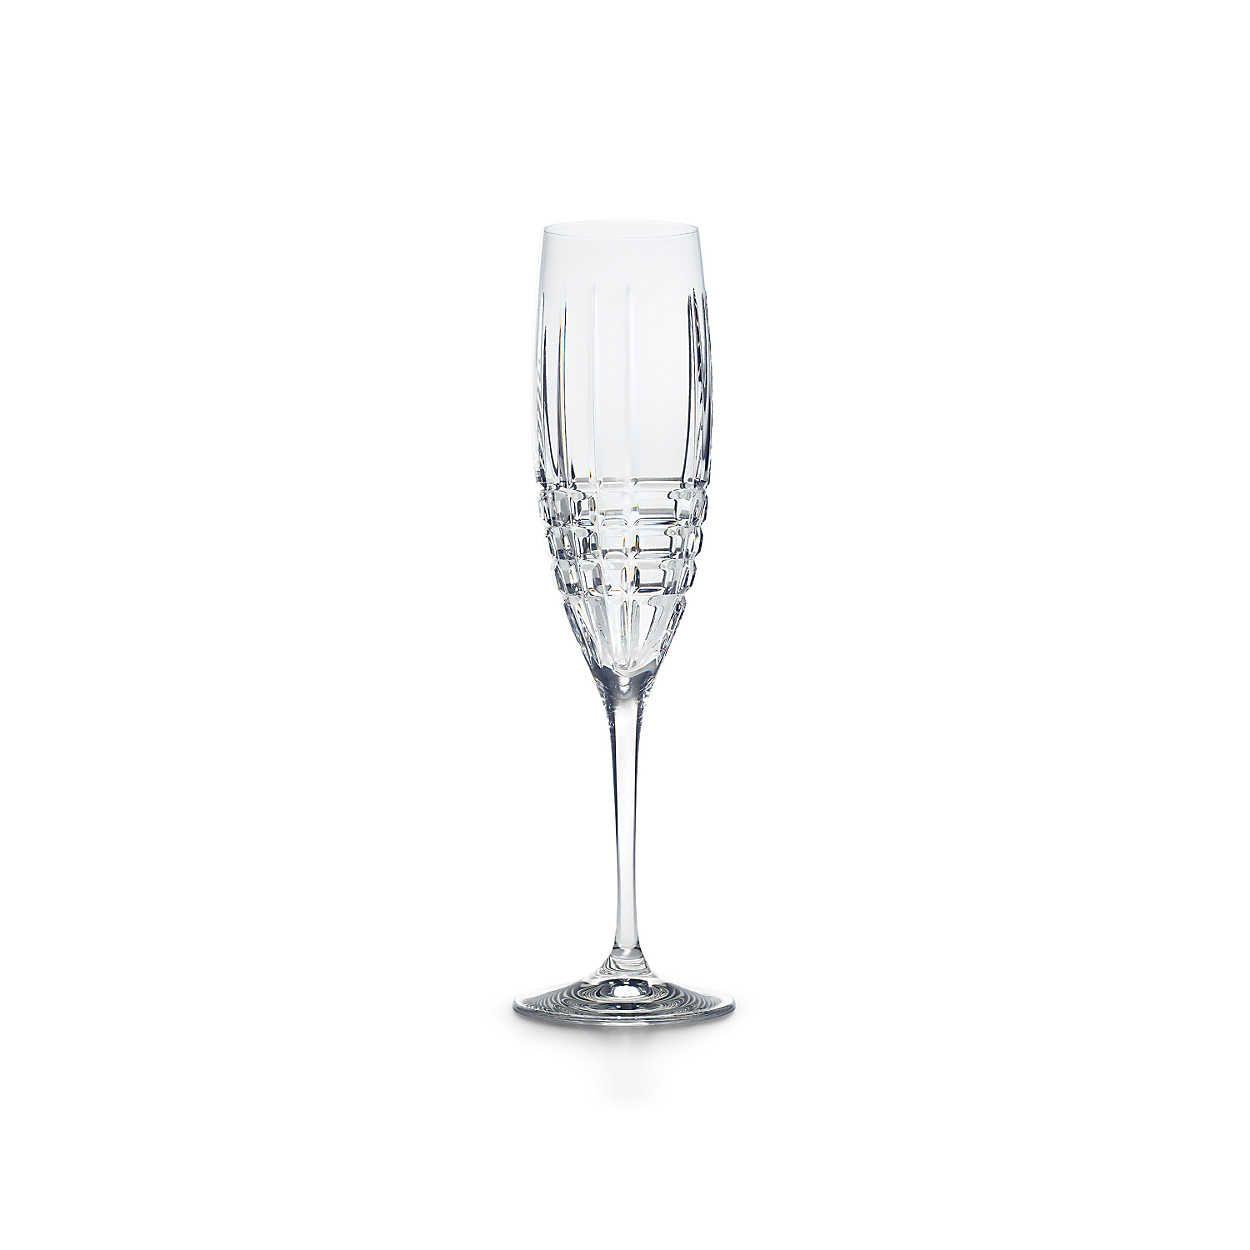 2c3e215c223 Champagne Flute | Wish List | Champagne flutes, Champagne glasses ...